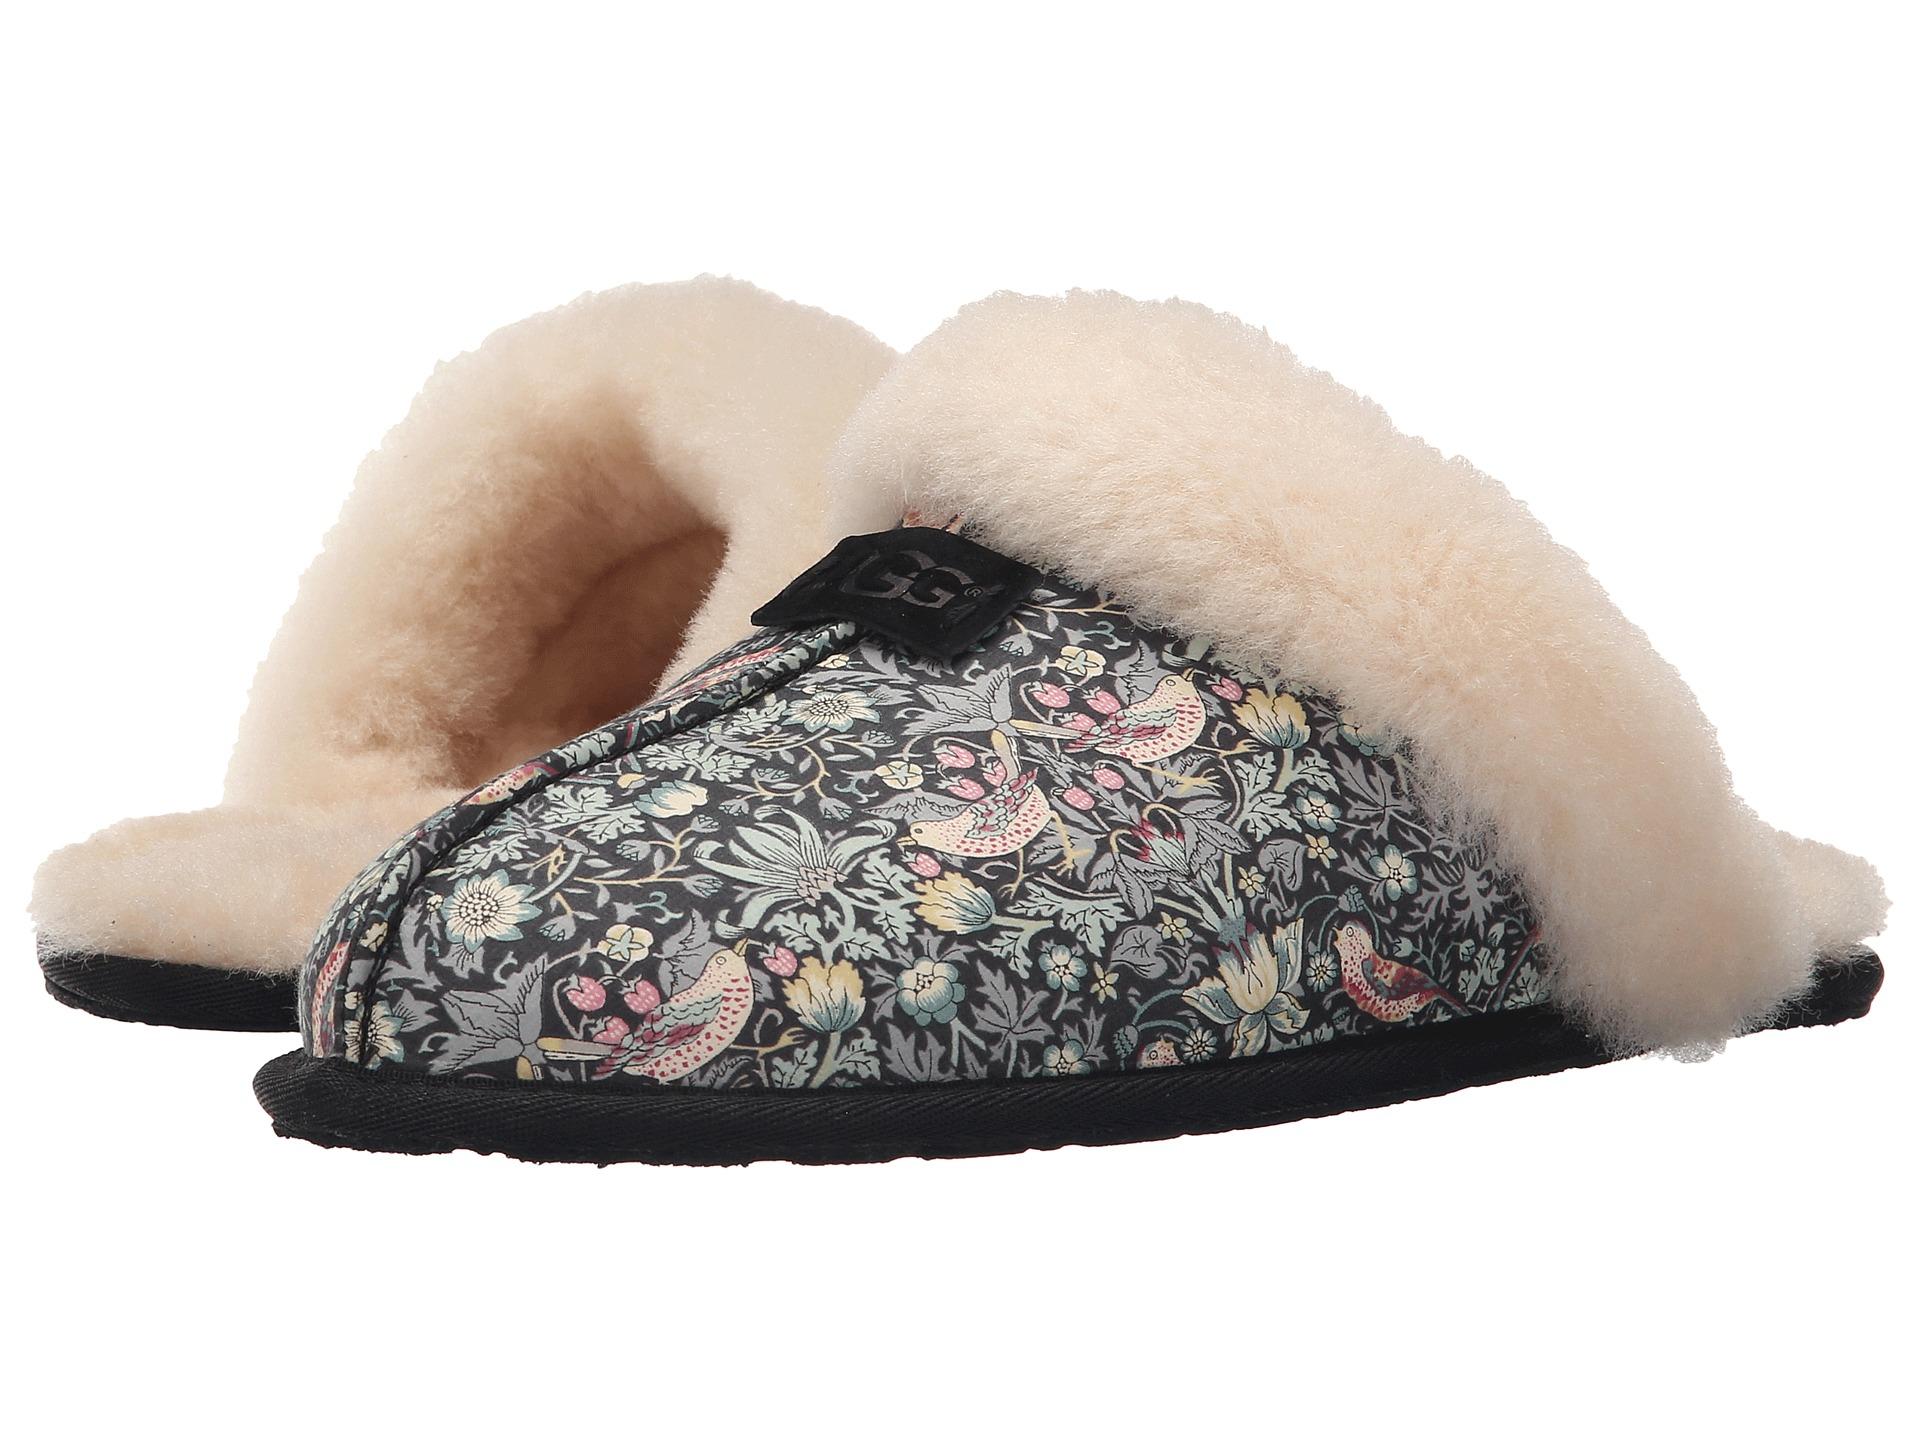 Ugg® Scuffette Liberty Slippers